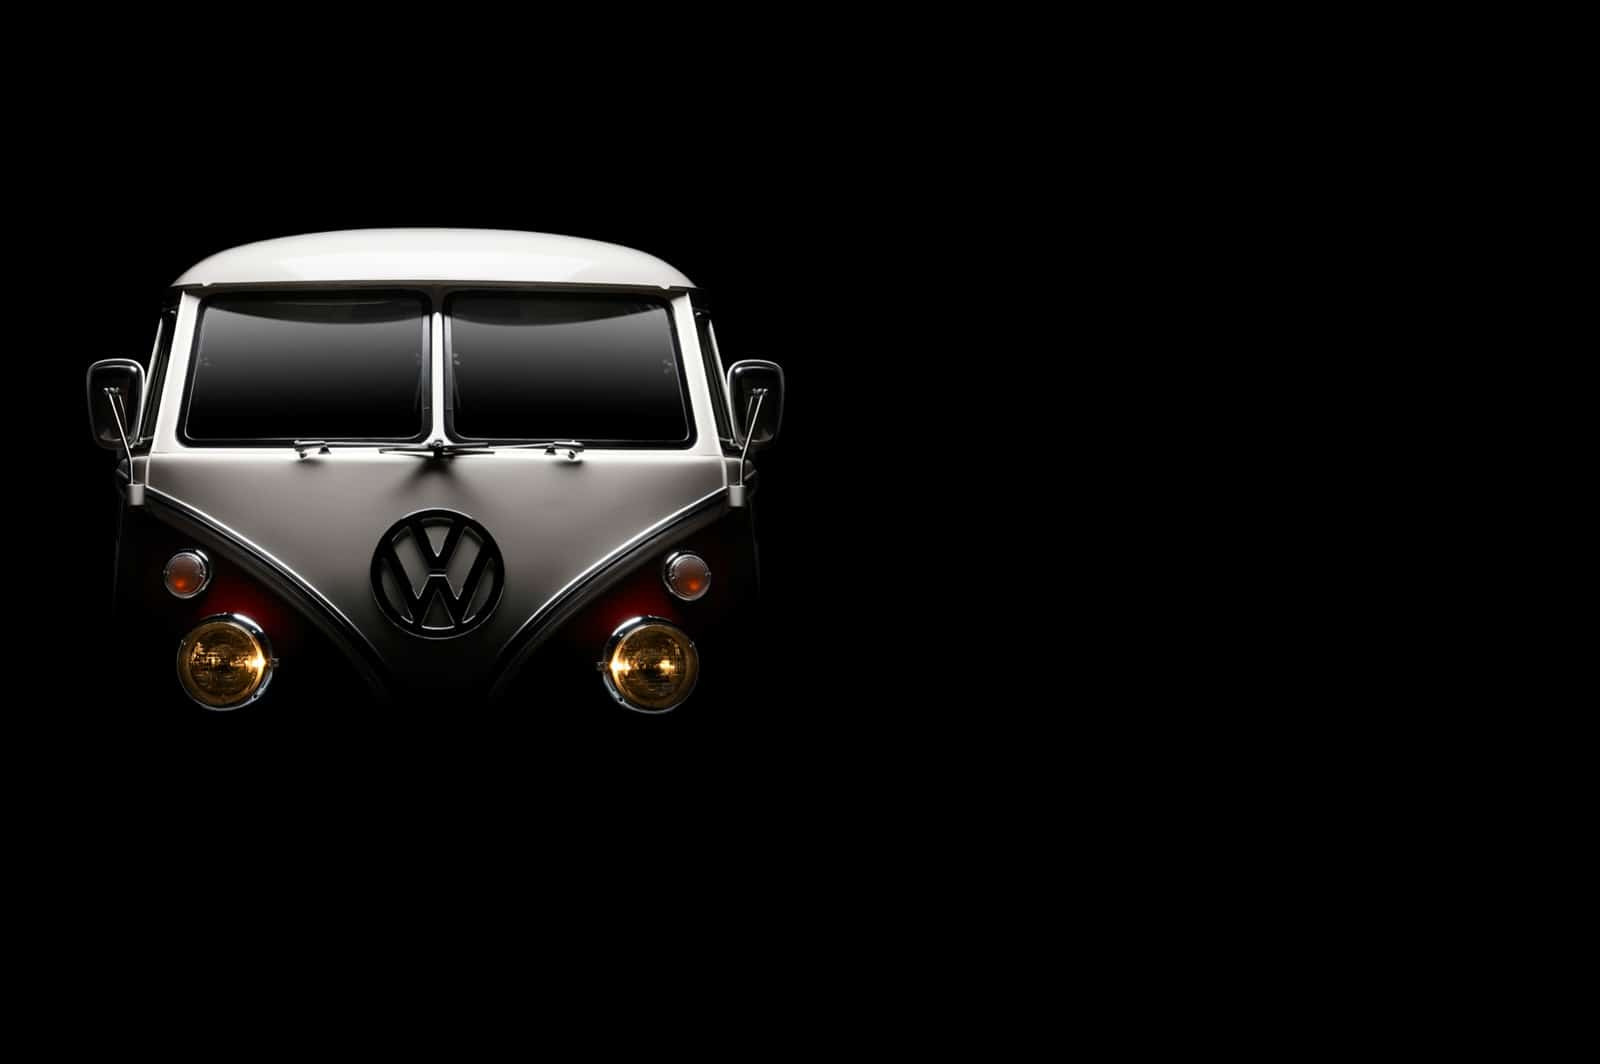 VW Combi par Christian Garibaldi | BeCombi